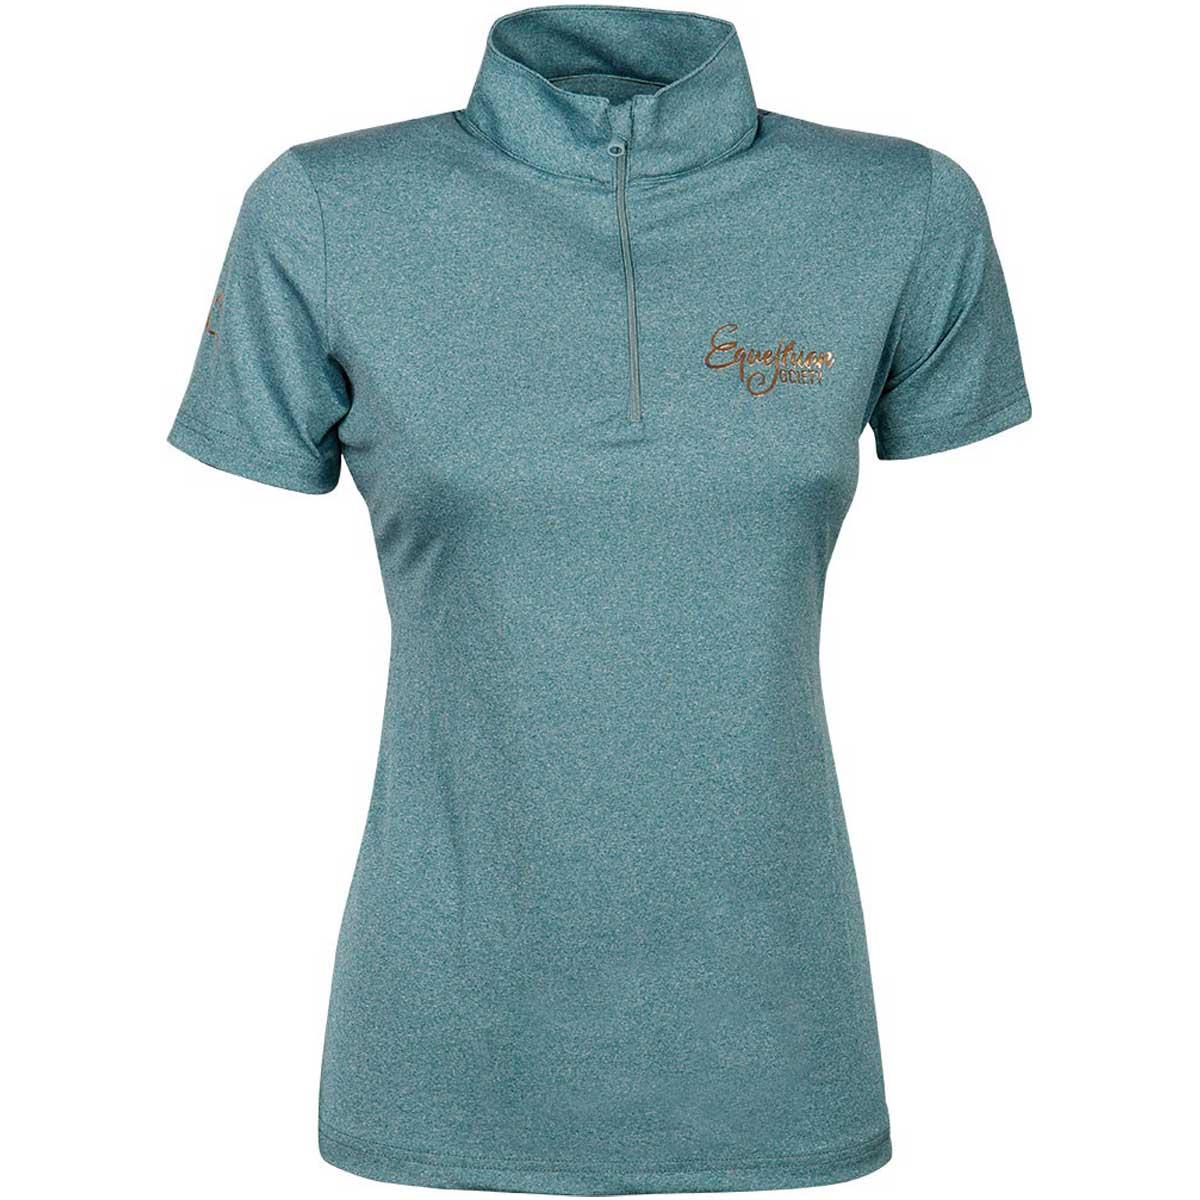 Harry's Horse Harding Techshirt groen maat:xl